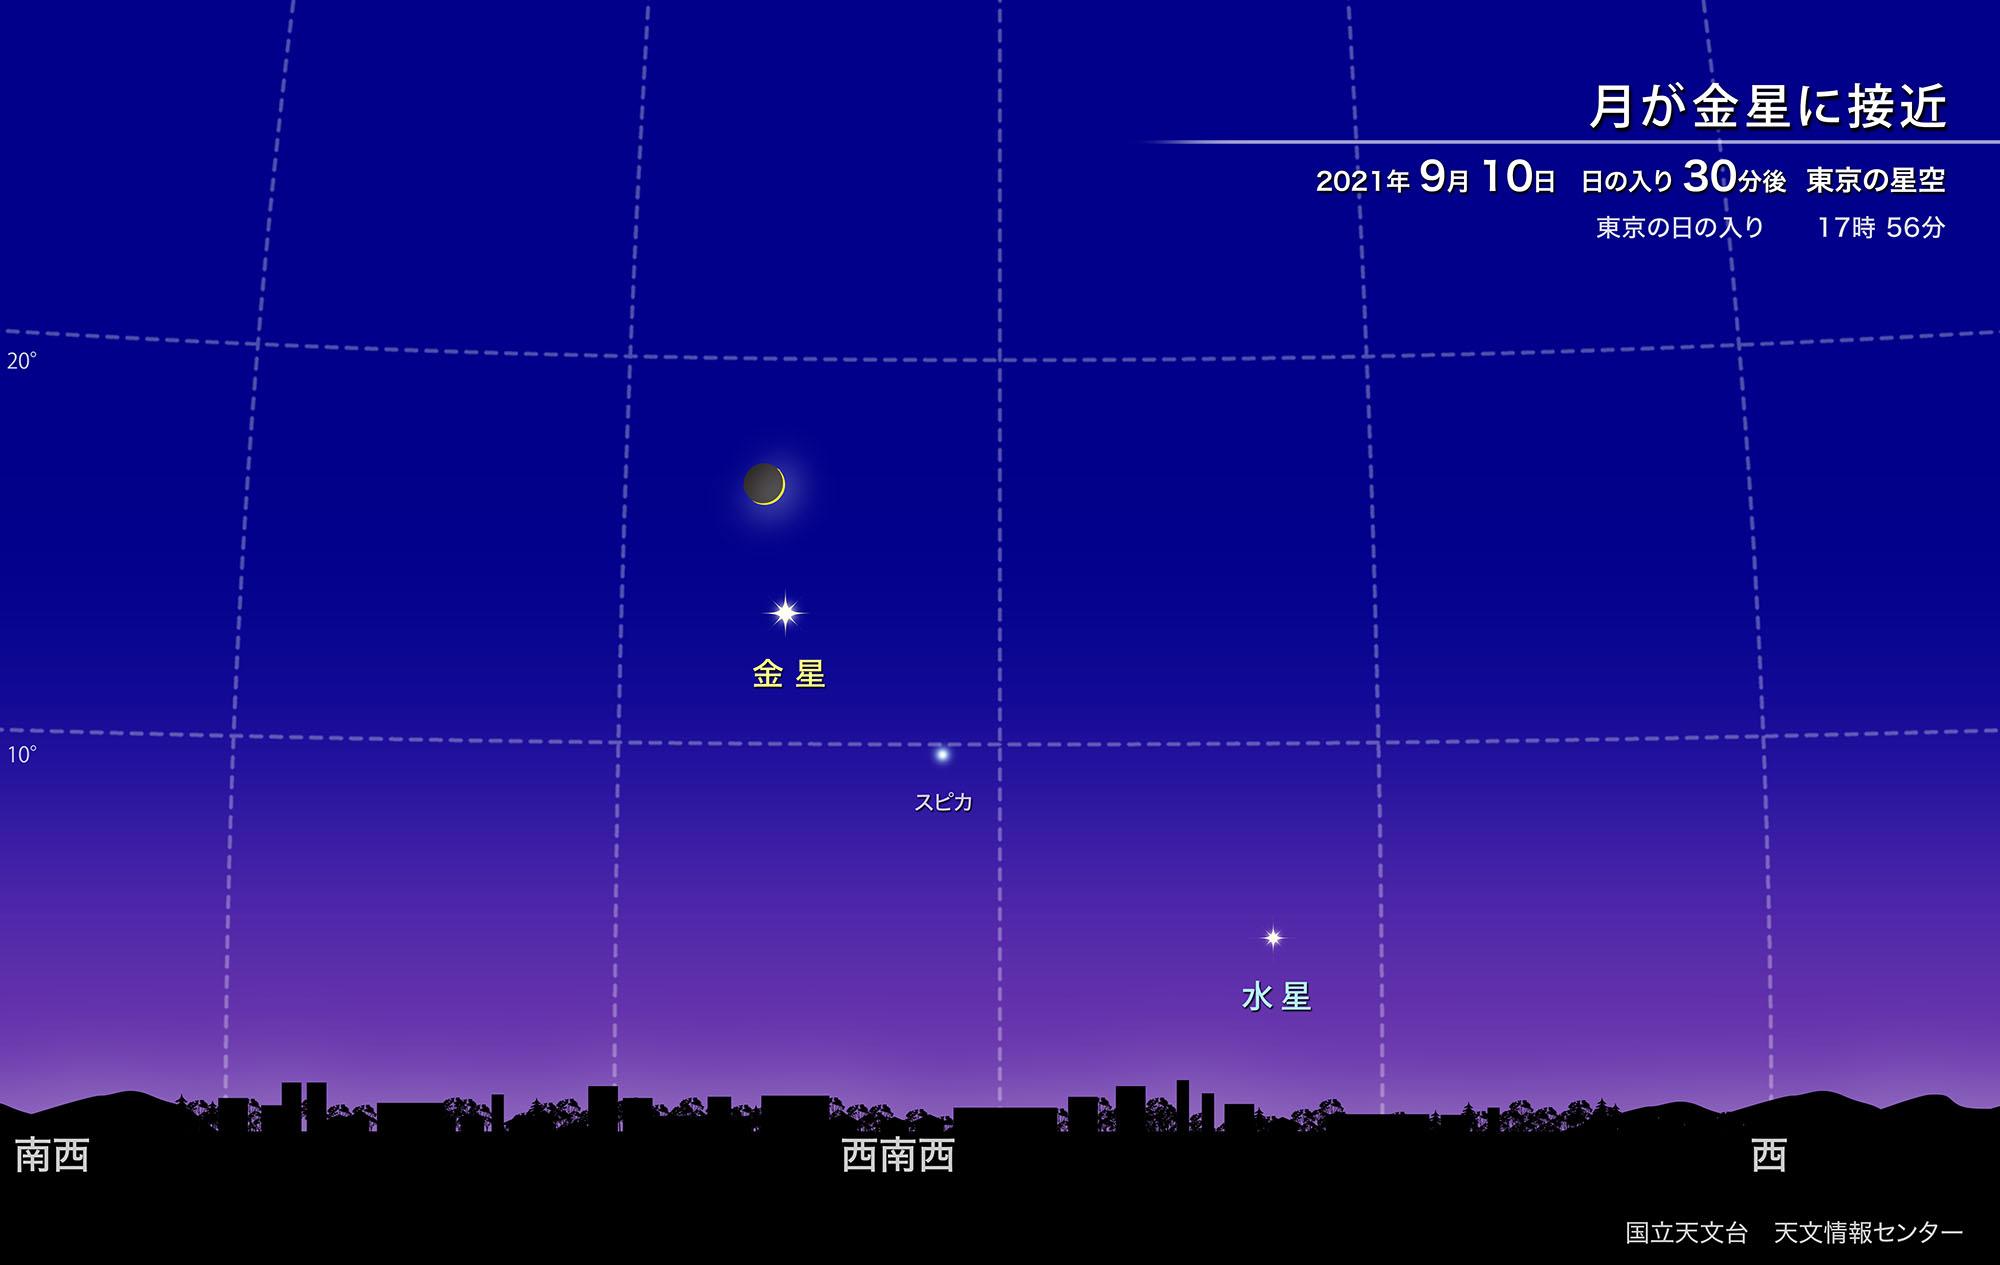 月が金星に接近(2021年9月) | 国立天文台(NAOJ)